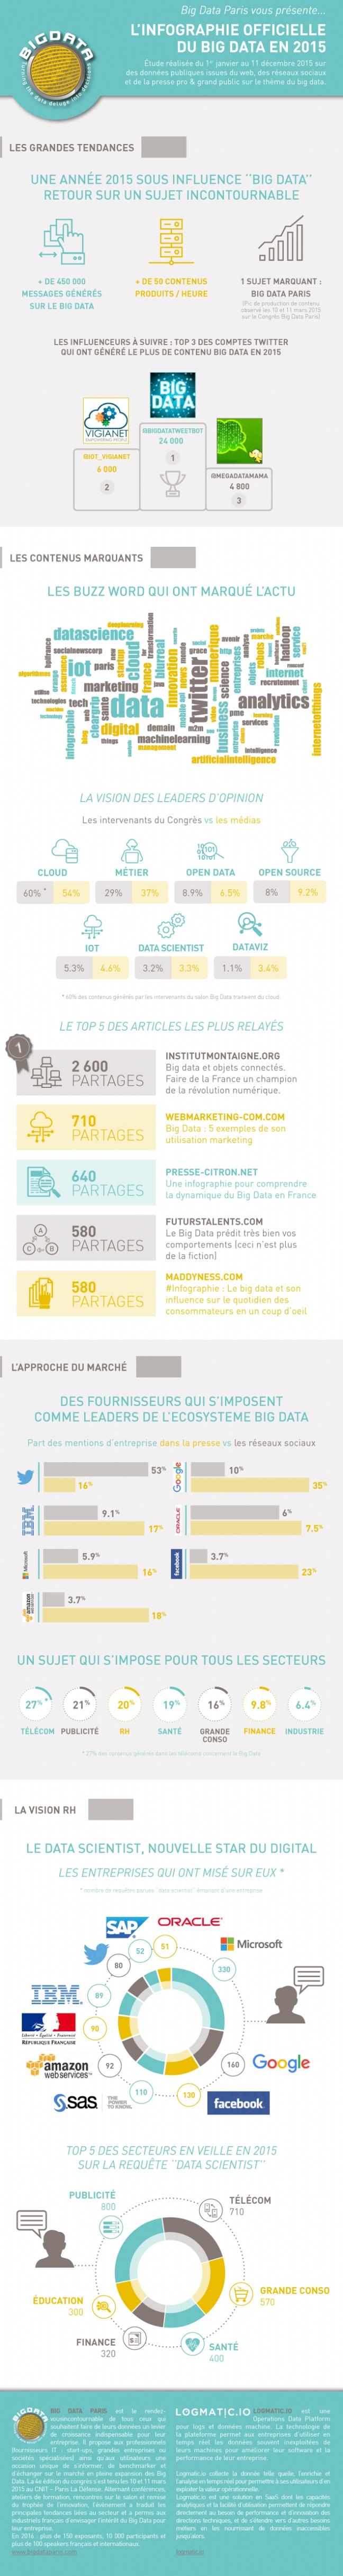 Big-Data-bilan-et-chiffres-cles-2015